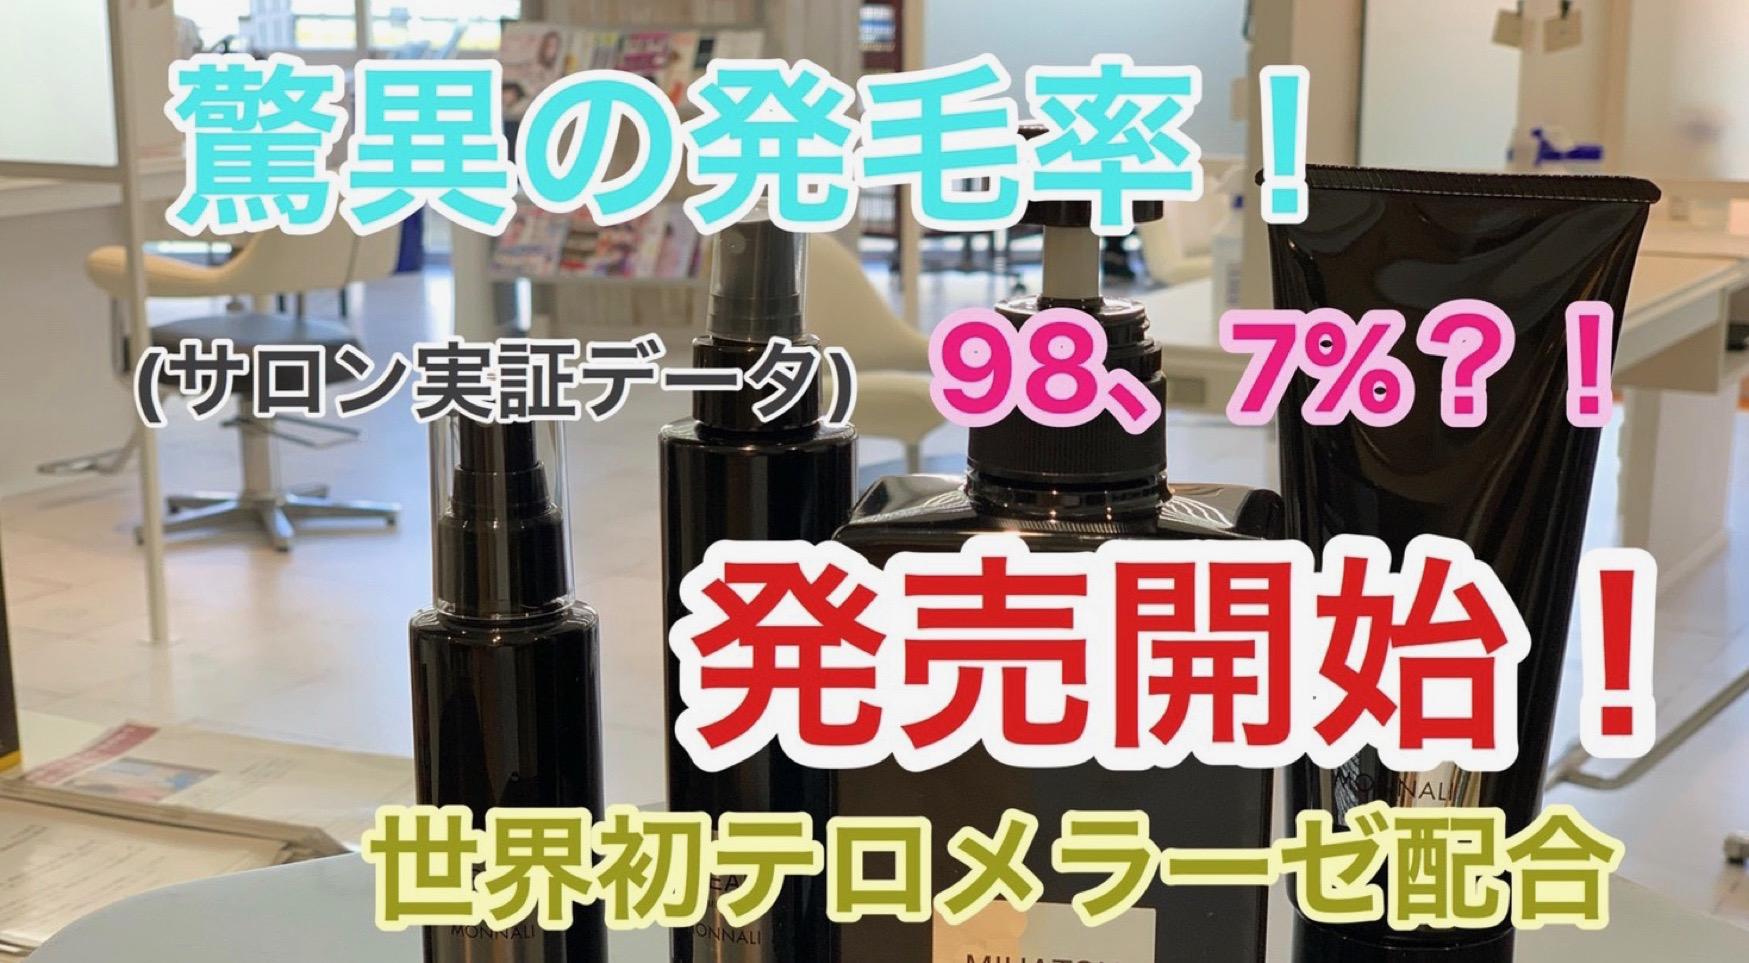 発毛率98、7% モナリシャンプー発売開始!